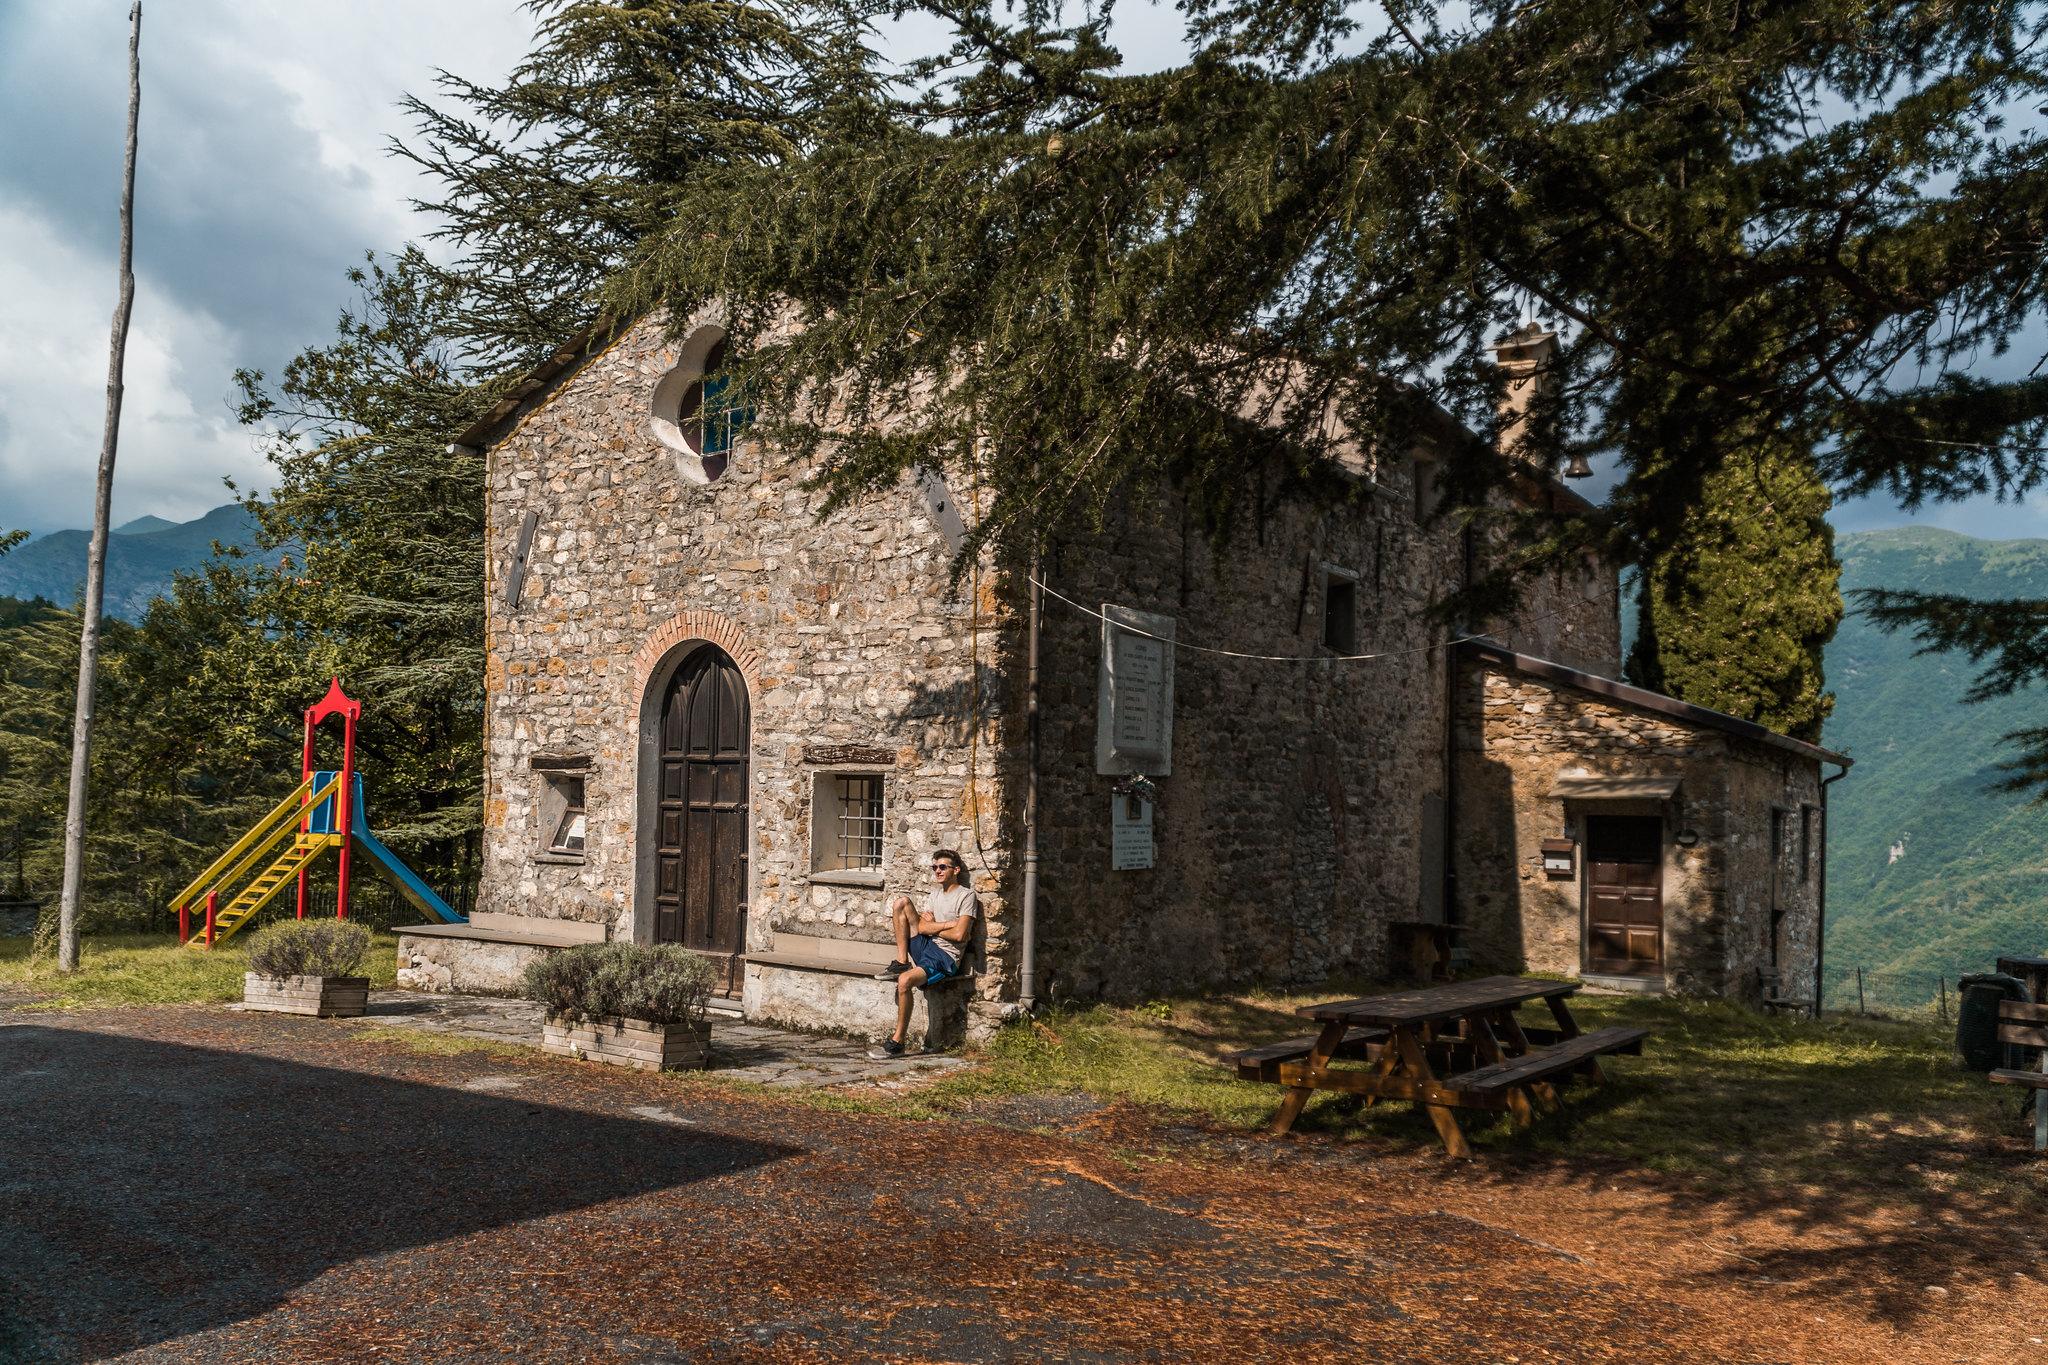 io in panciolle davanti alla chiesa parrocchiale di San Faüstin e Santa Giovita